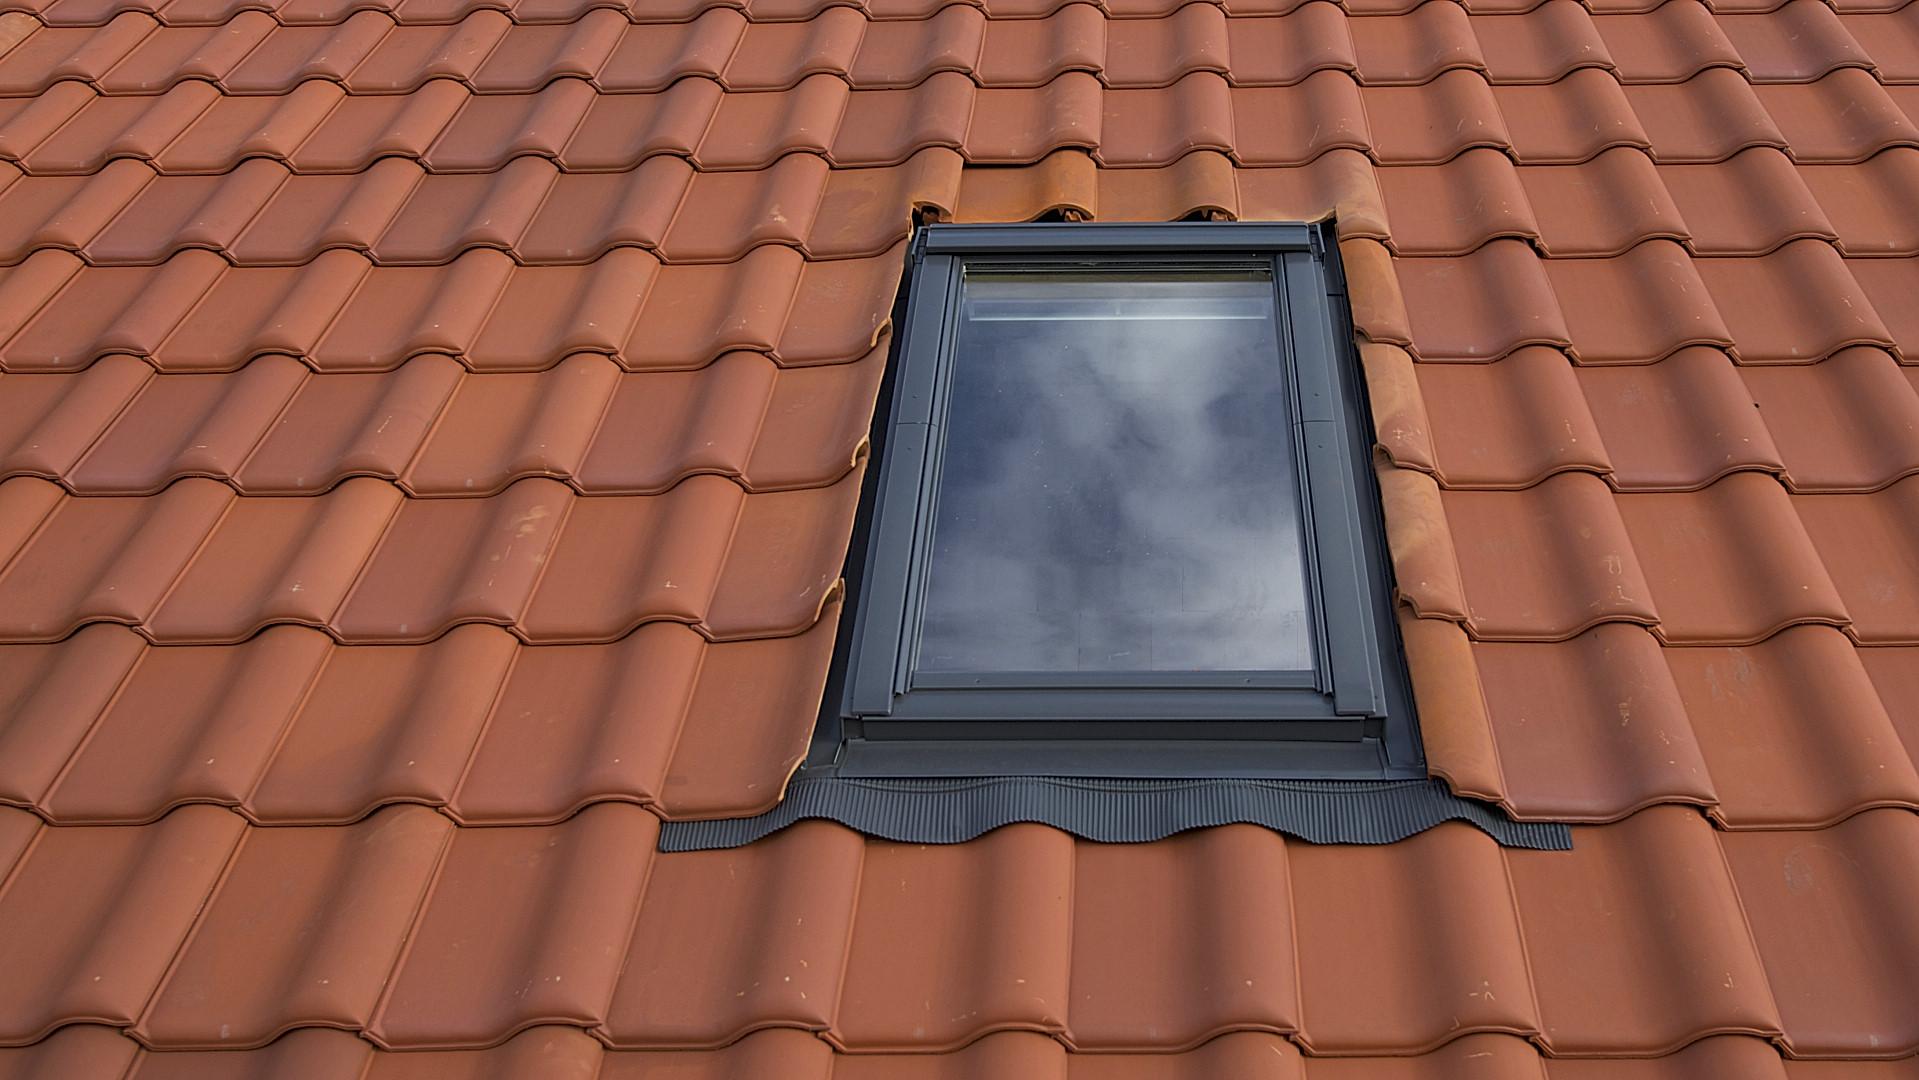 Dachfenster einbauen  Dachfenster | DACH BÖTTCHER